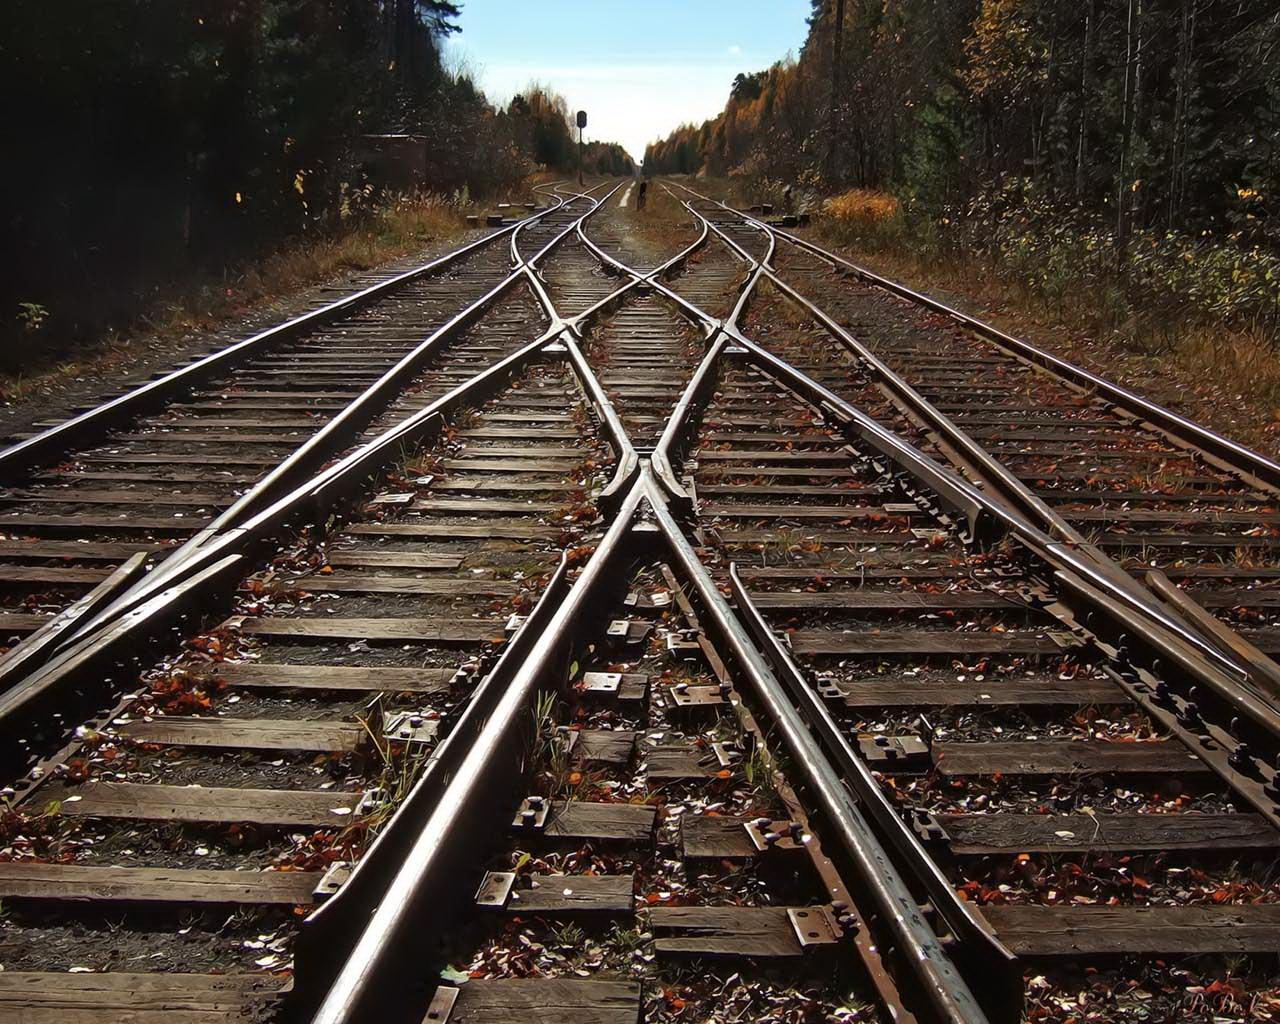 ferrovia-psc2-transporte-de-carvo